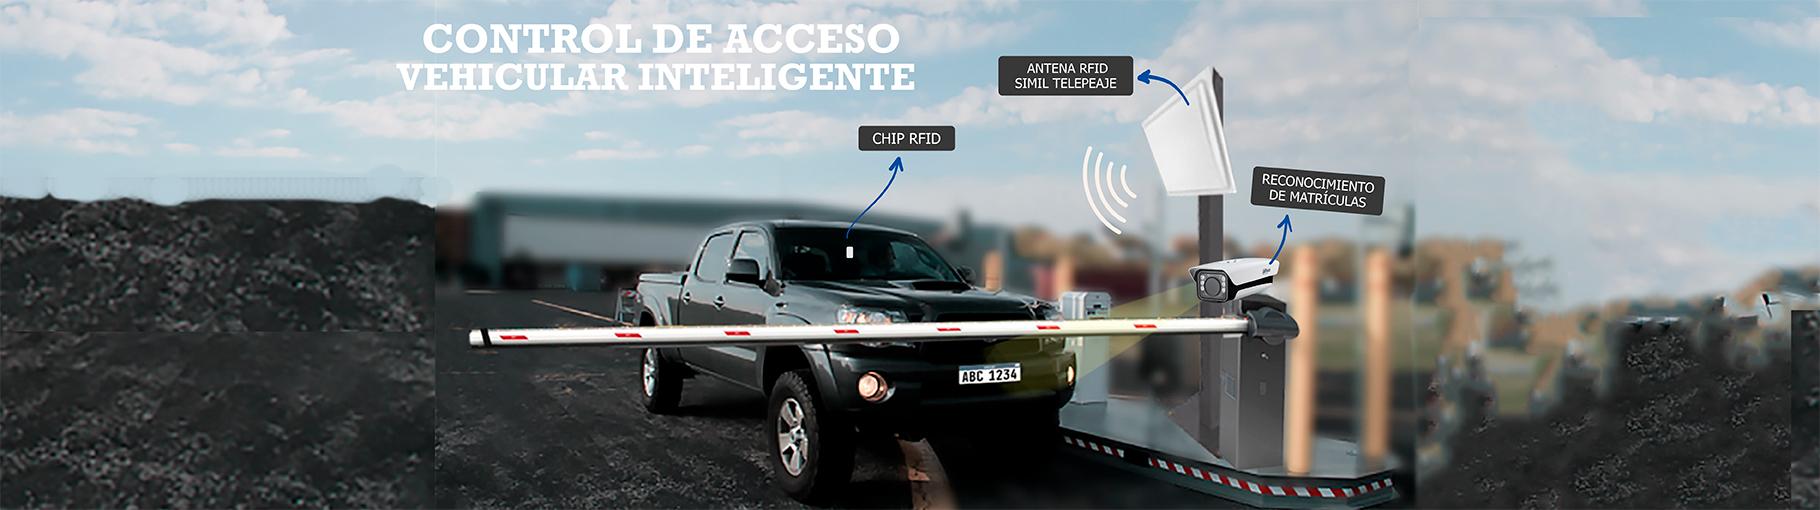 banner-de-acceso-vehicular